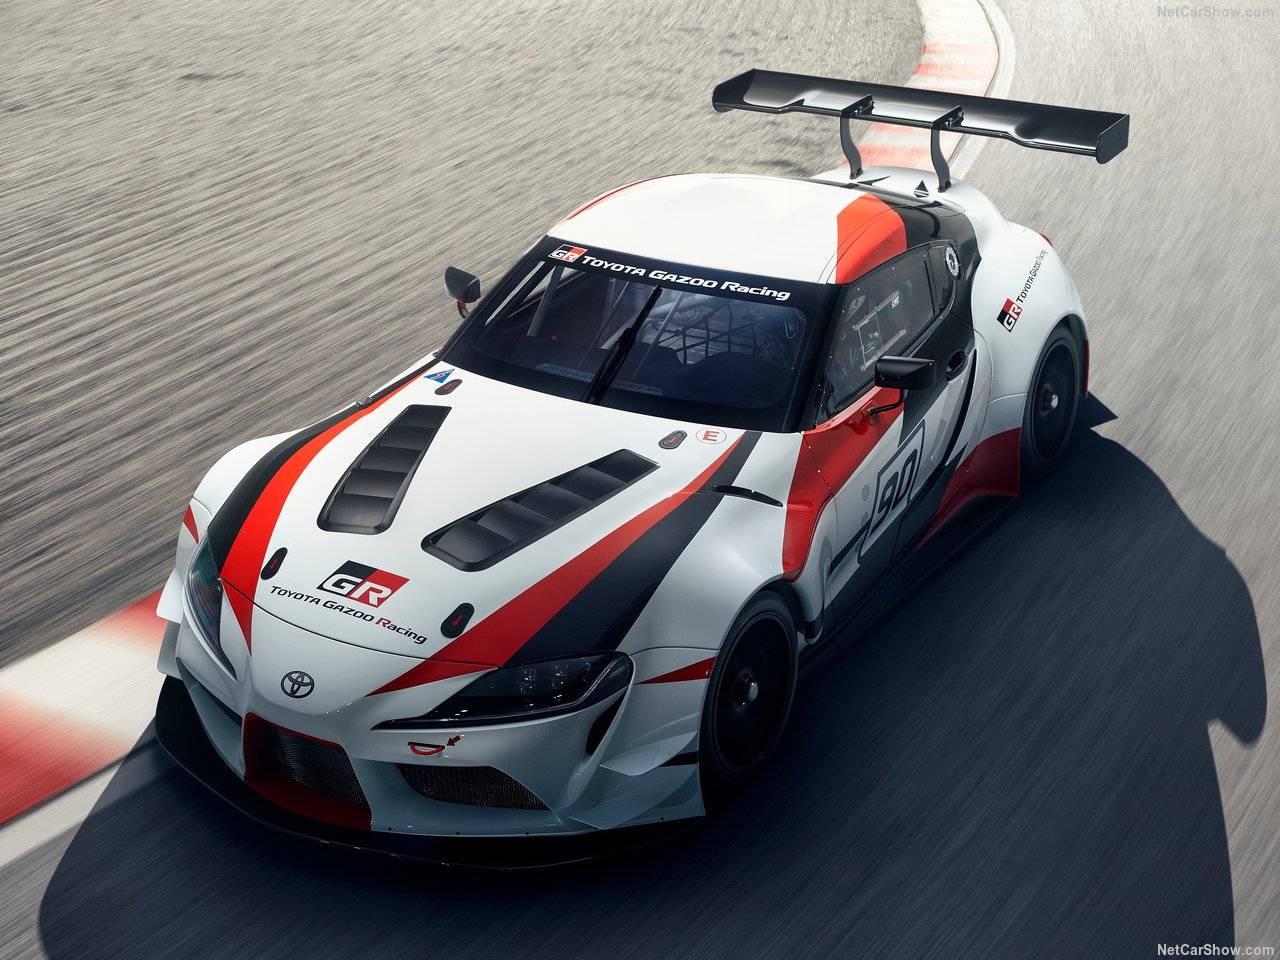 ついにデビュー!トヨタGRスープラRacing Concept。かなり格好よい仕上がりに。デザイン・スペック等を調査